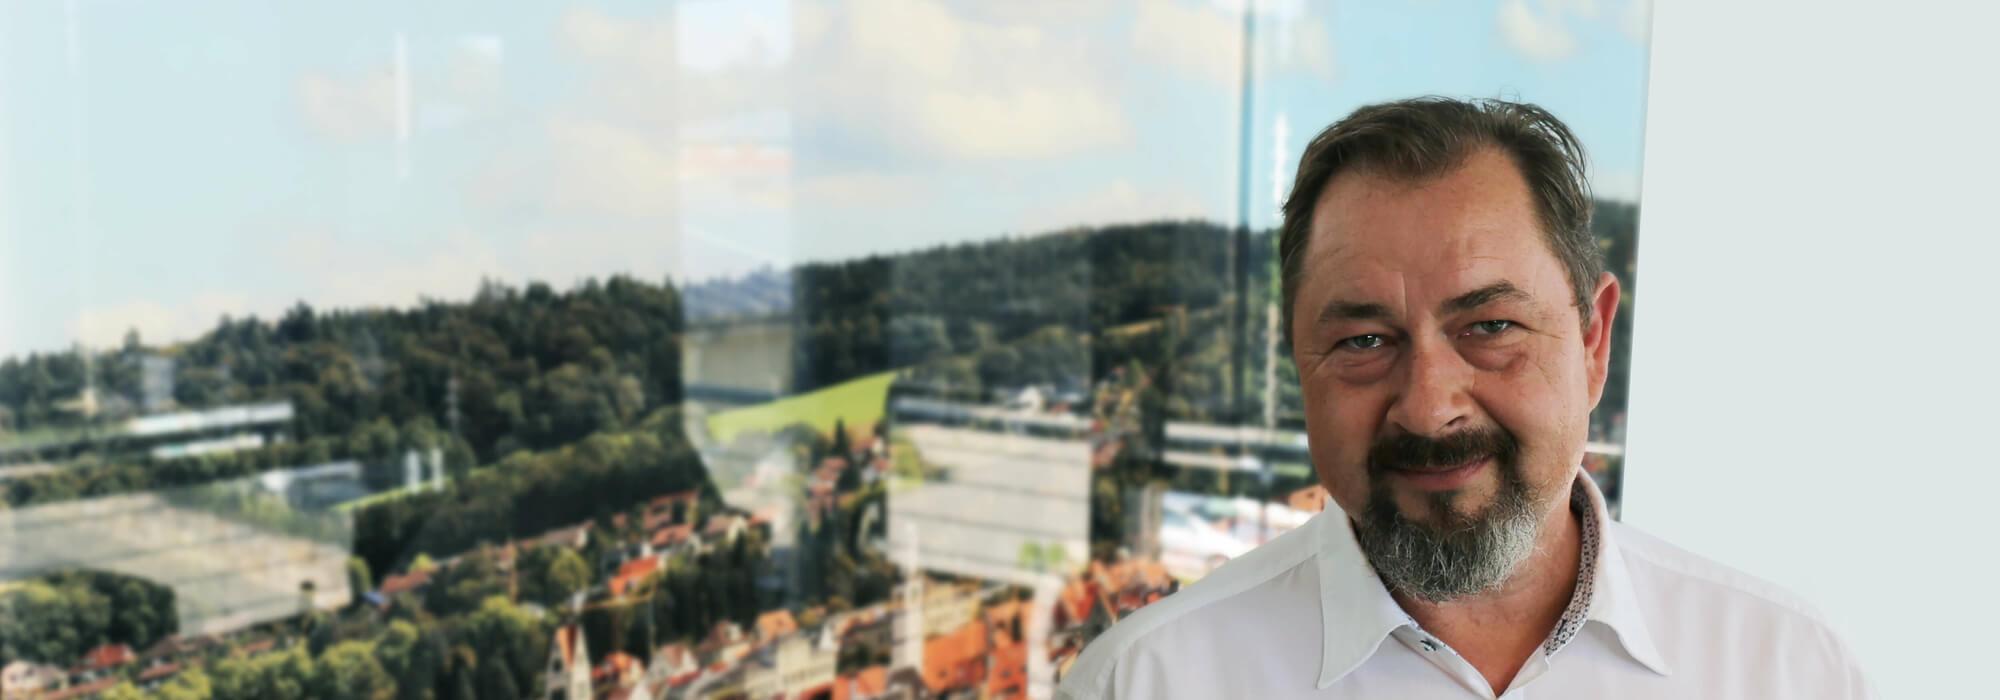 Swen Bräunig: SPRINZ Interieur Handelsvertretung Schweiz